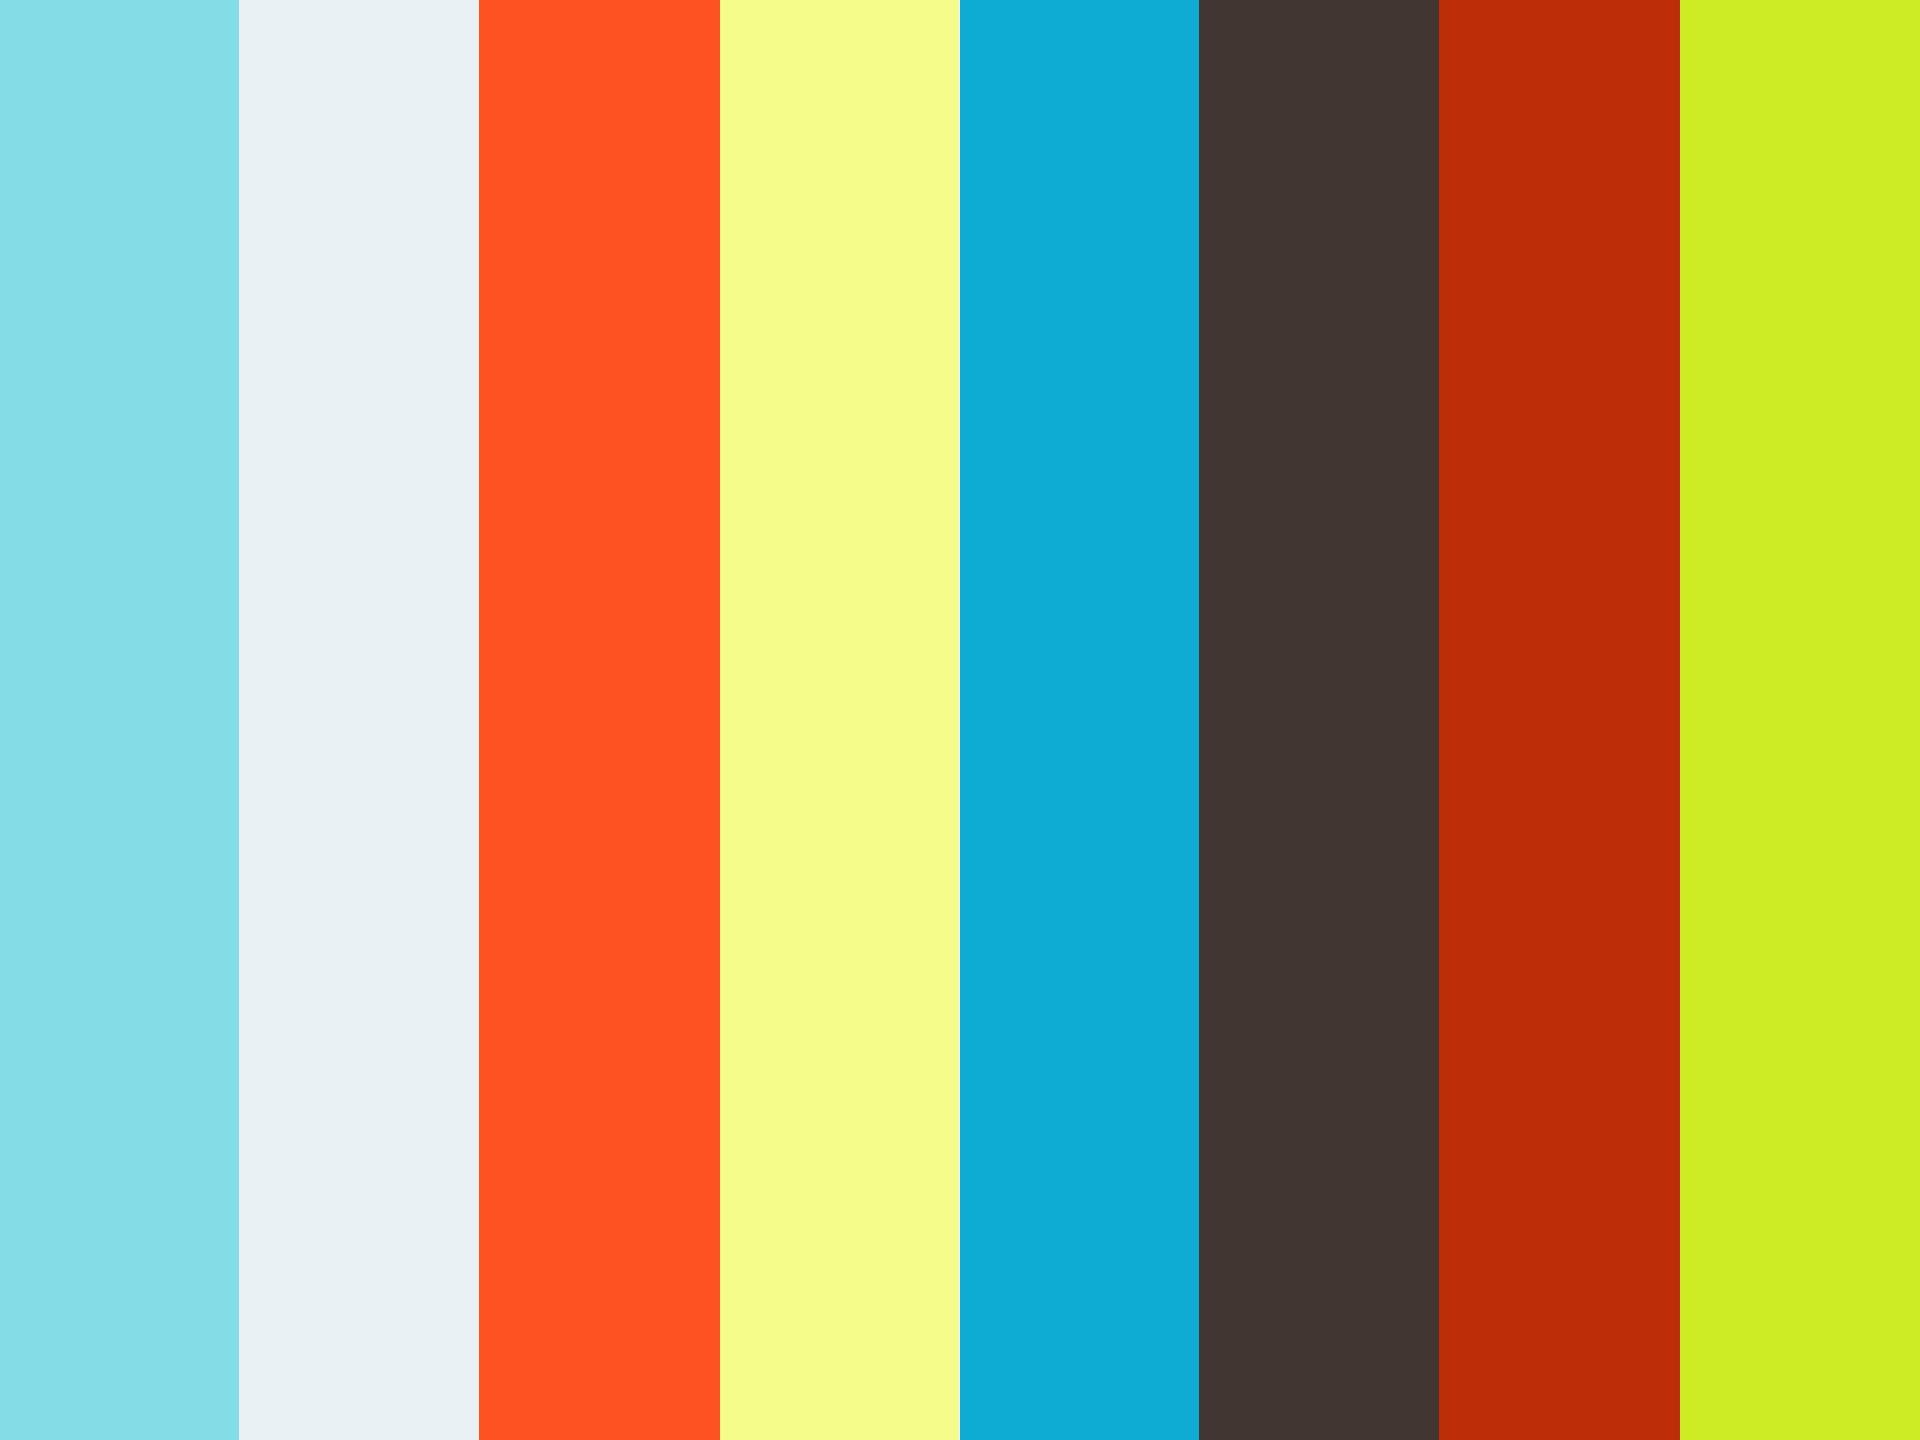 """Registrazione Simposio Sponsorizzato presso """"Giornate di Chirurgia Vitroretinica"""" on demand (6 Novembre 2020) – Brolucizumab e L'arte della risoluzione del Fluido"""